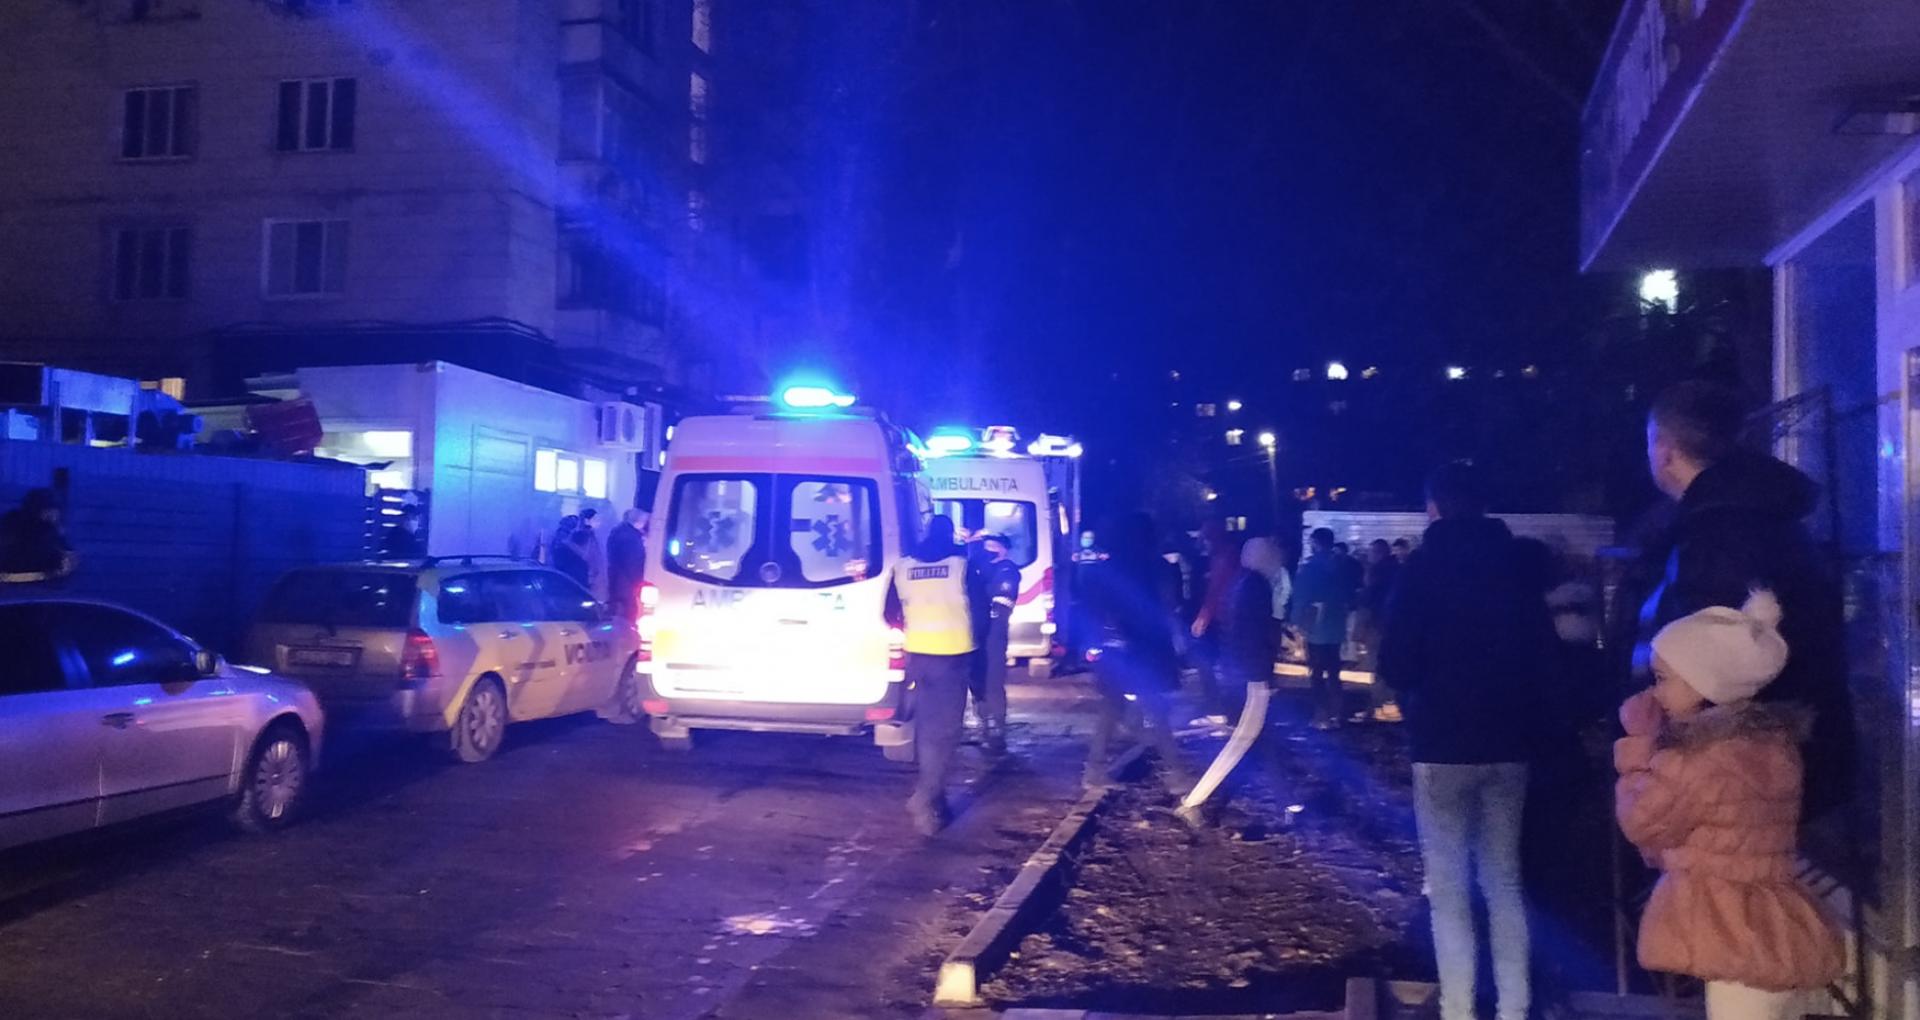 VIDEO/ Explozie în sectorul Botanica al capitalei. Mai multe echipaje ale salvatorilor, la fața locului. Doi minori și un adult au avut de suferit. Detalii de la IGSU